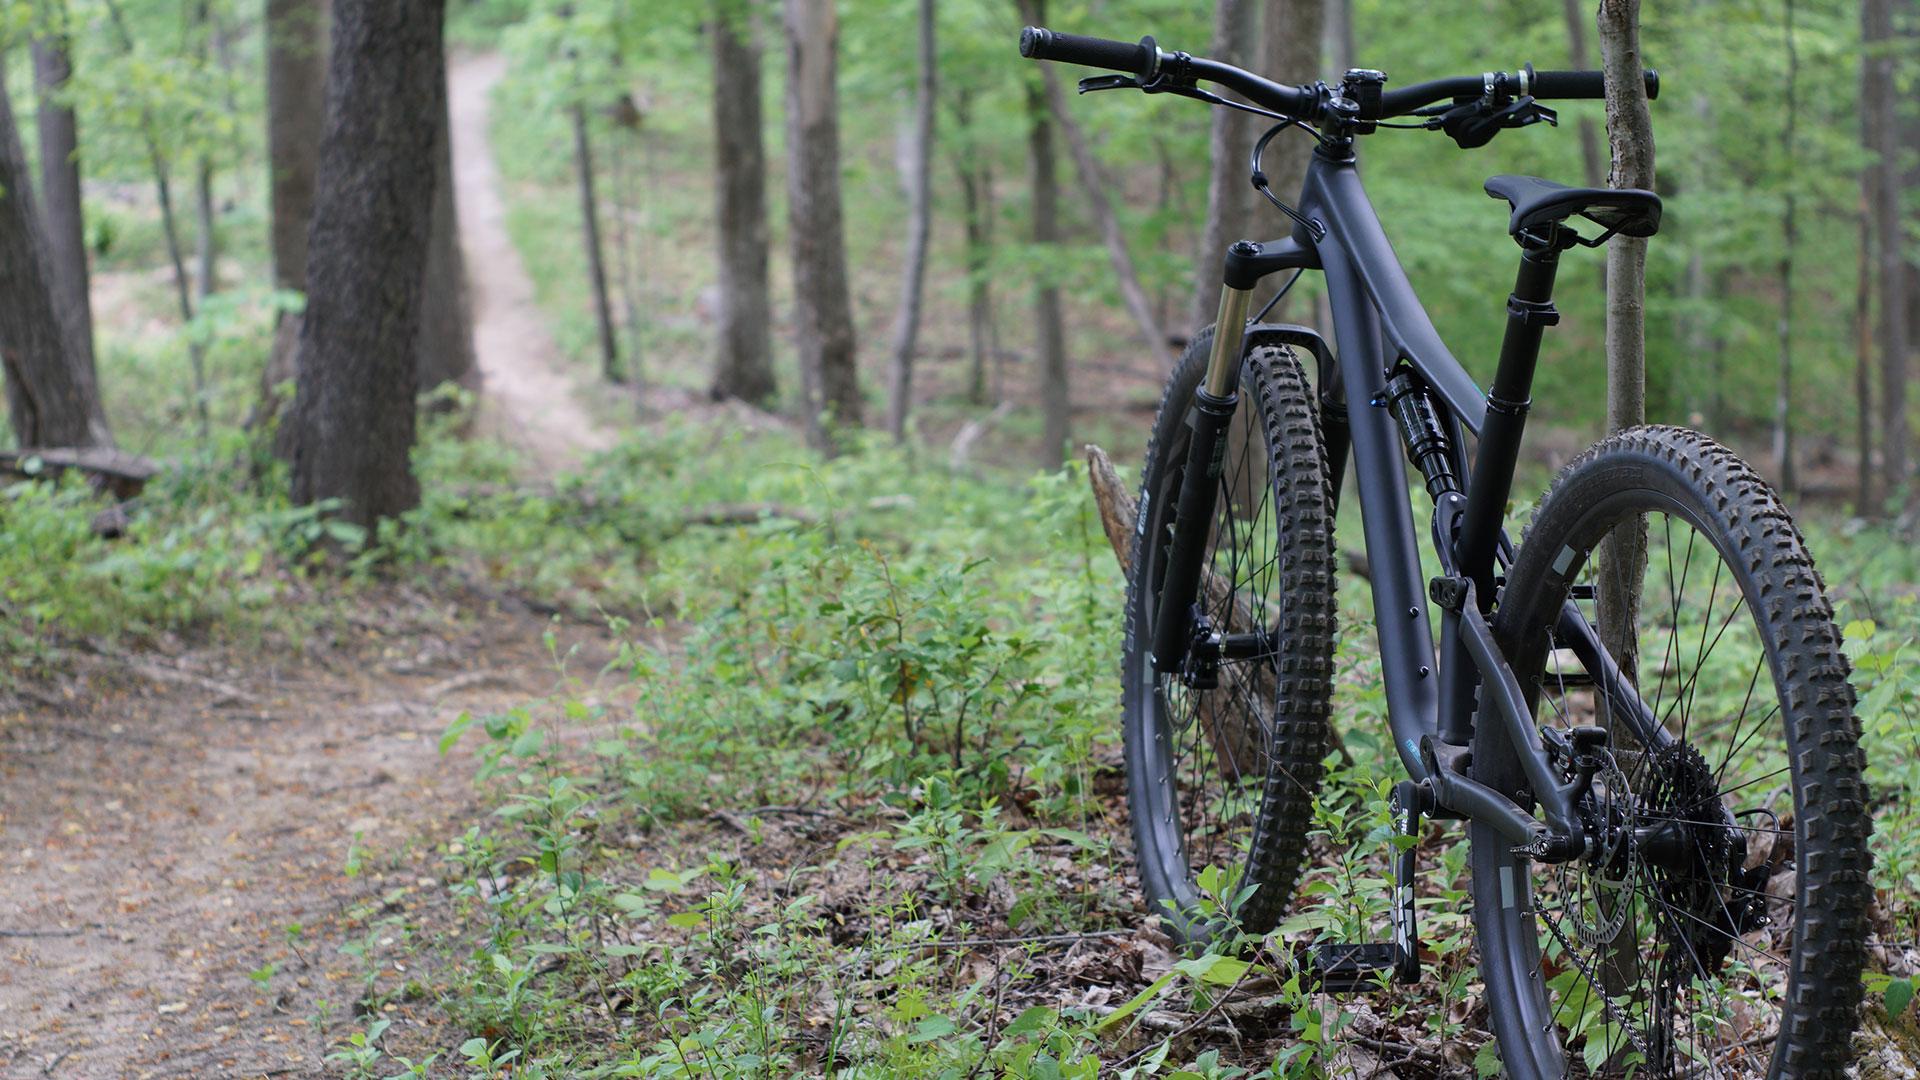 Mountainbikeroute Zeist/Austerlitz: twee toffe tracks op de Utrechtse Heuvelrug